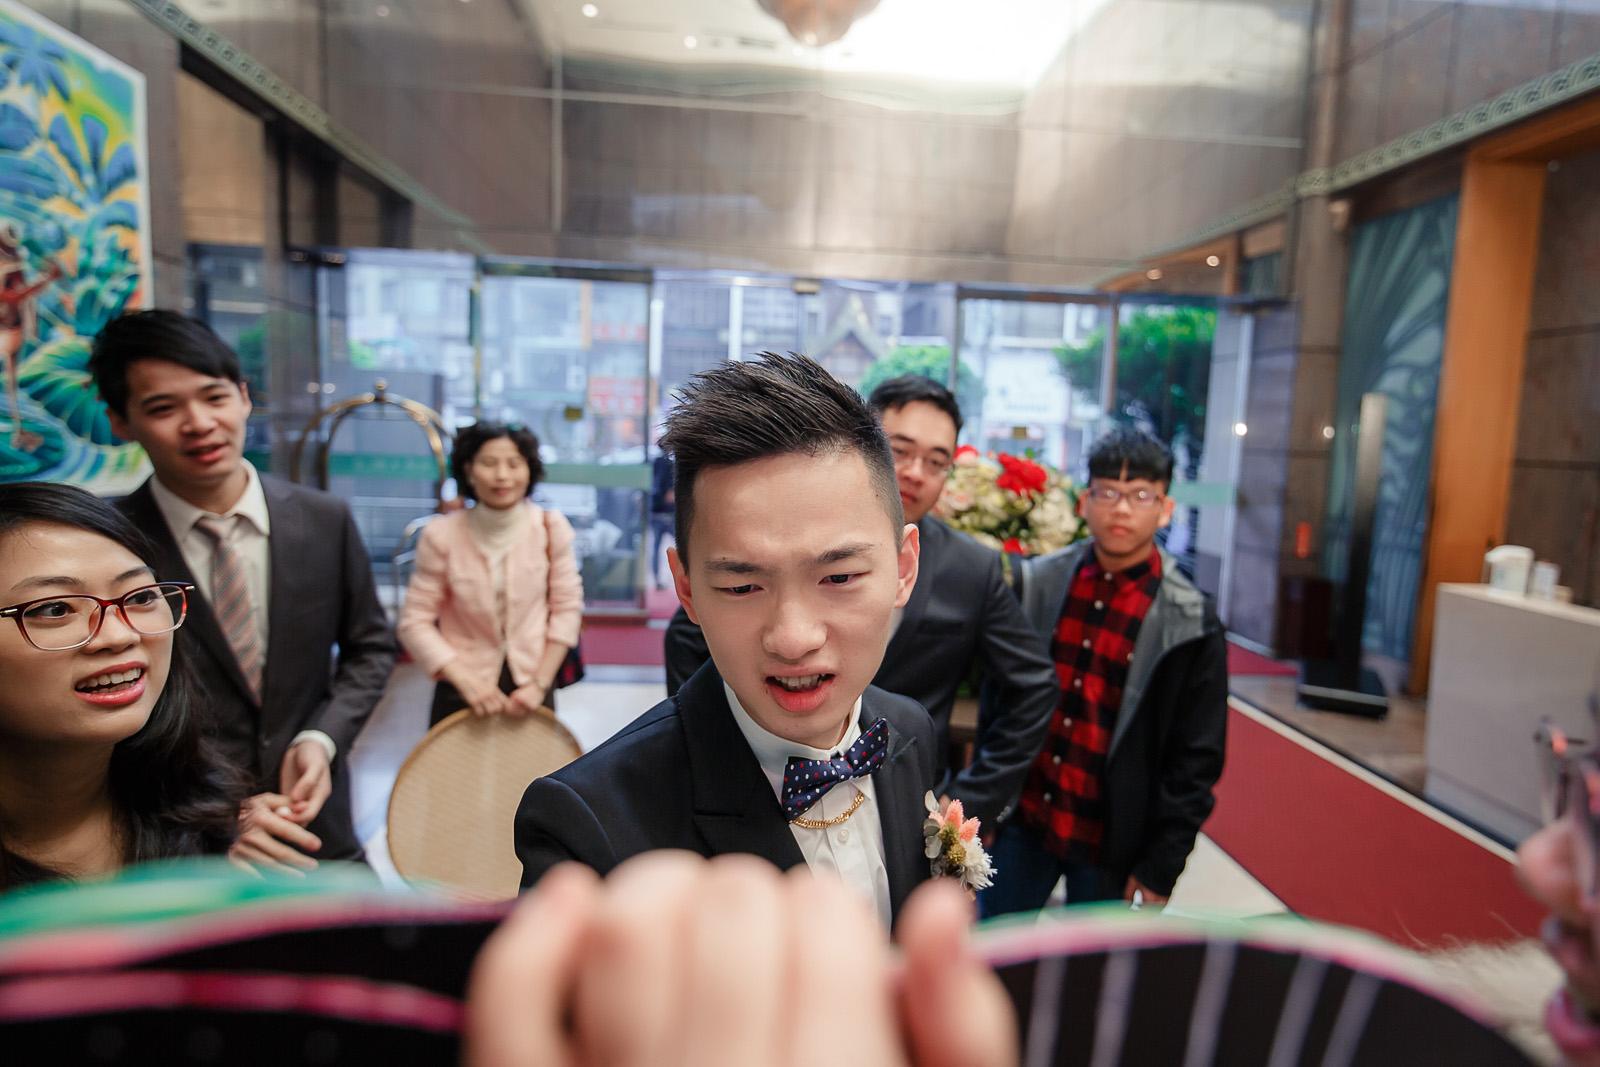 高雄圓山飯店,婚禮攝影,婚攝,高雄婚攝,優質婚攝推薦,Jen&Ethan-105